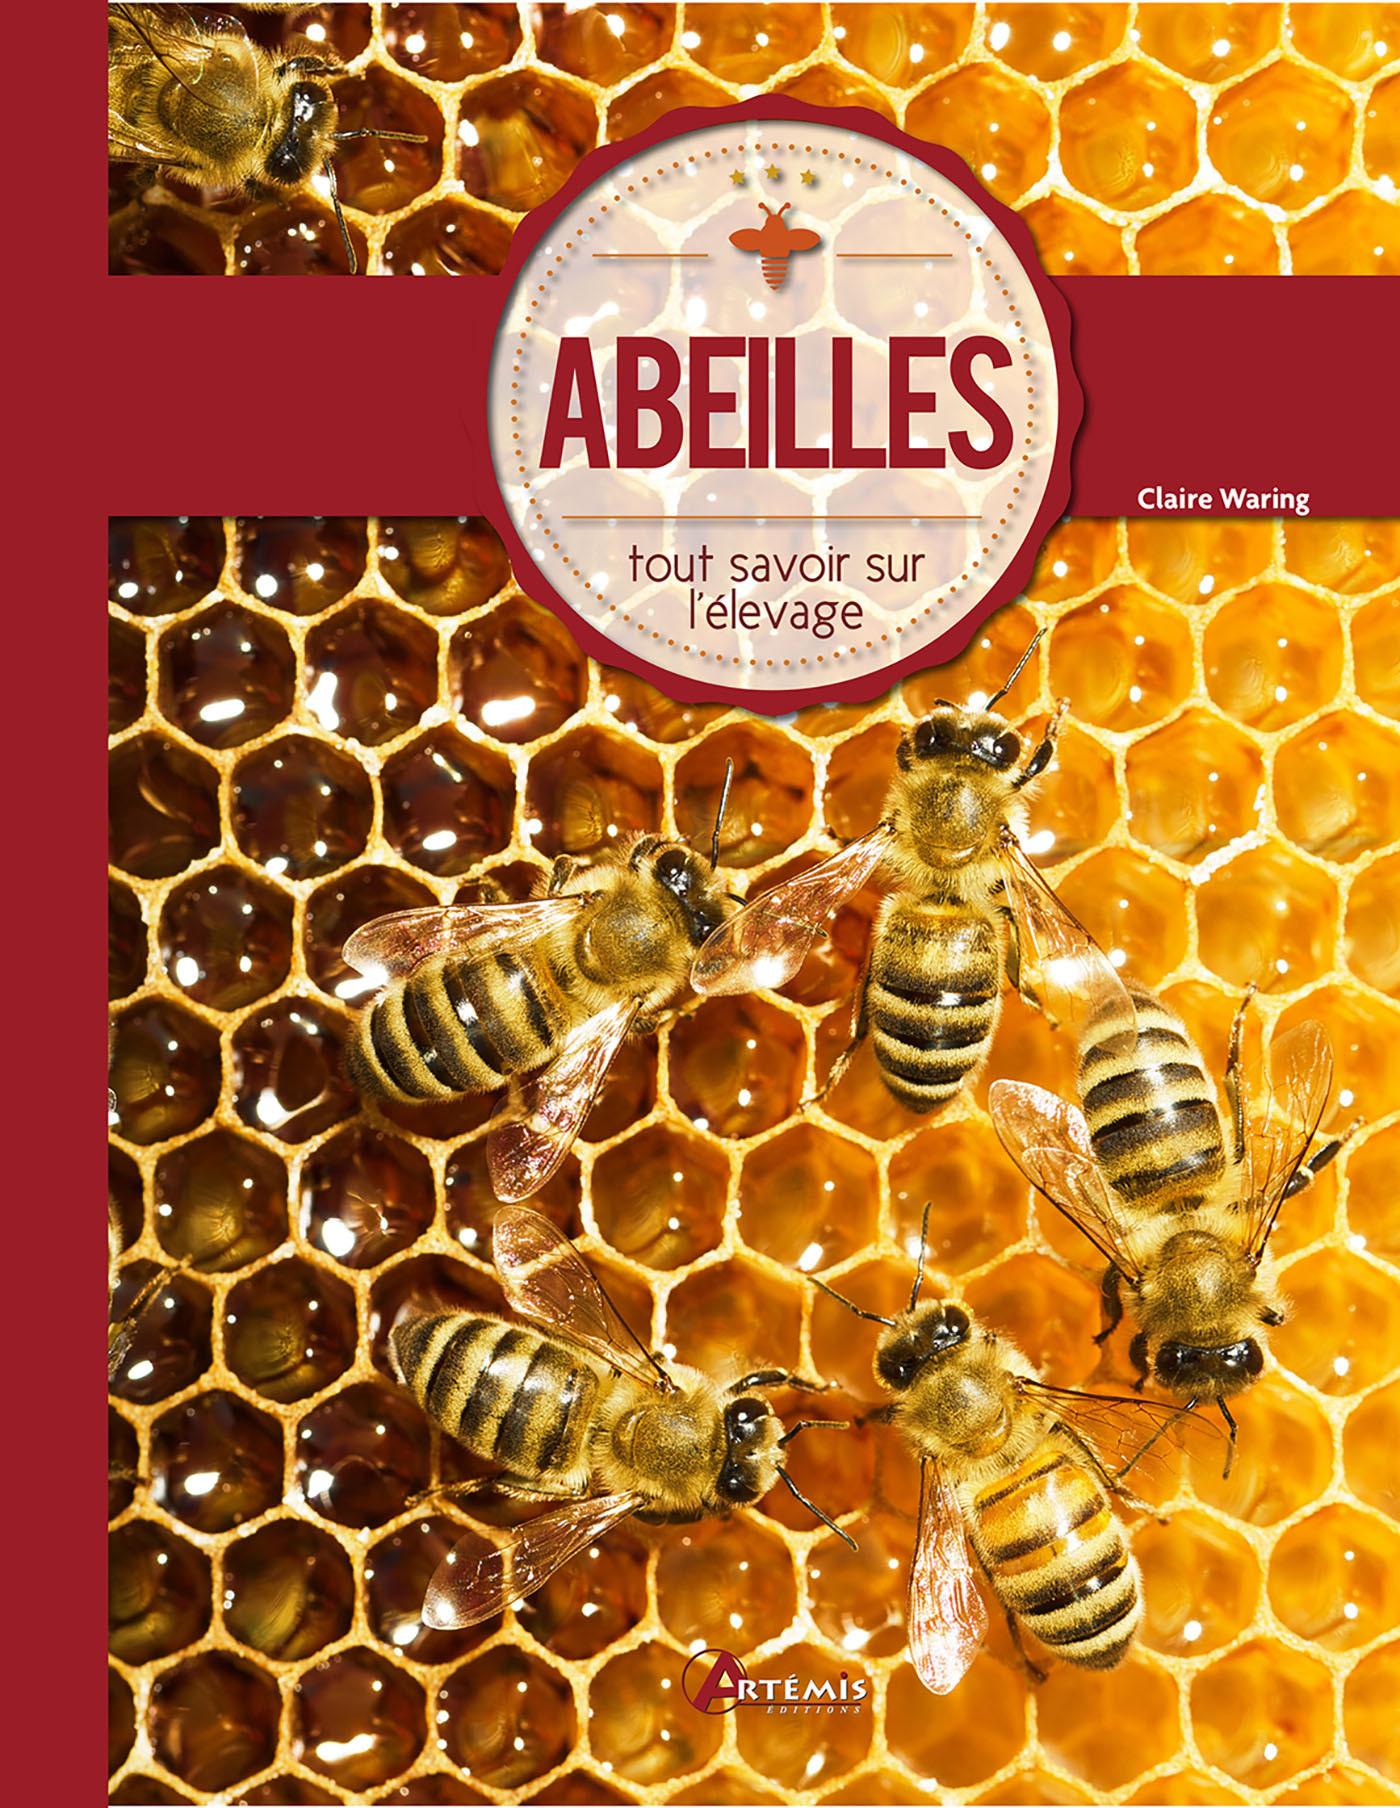 ABEILLES, TOUT SAVOIR SUR L'ELEVAGE